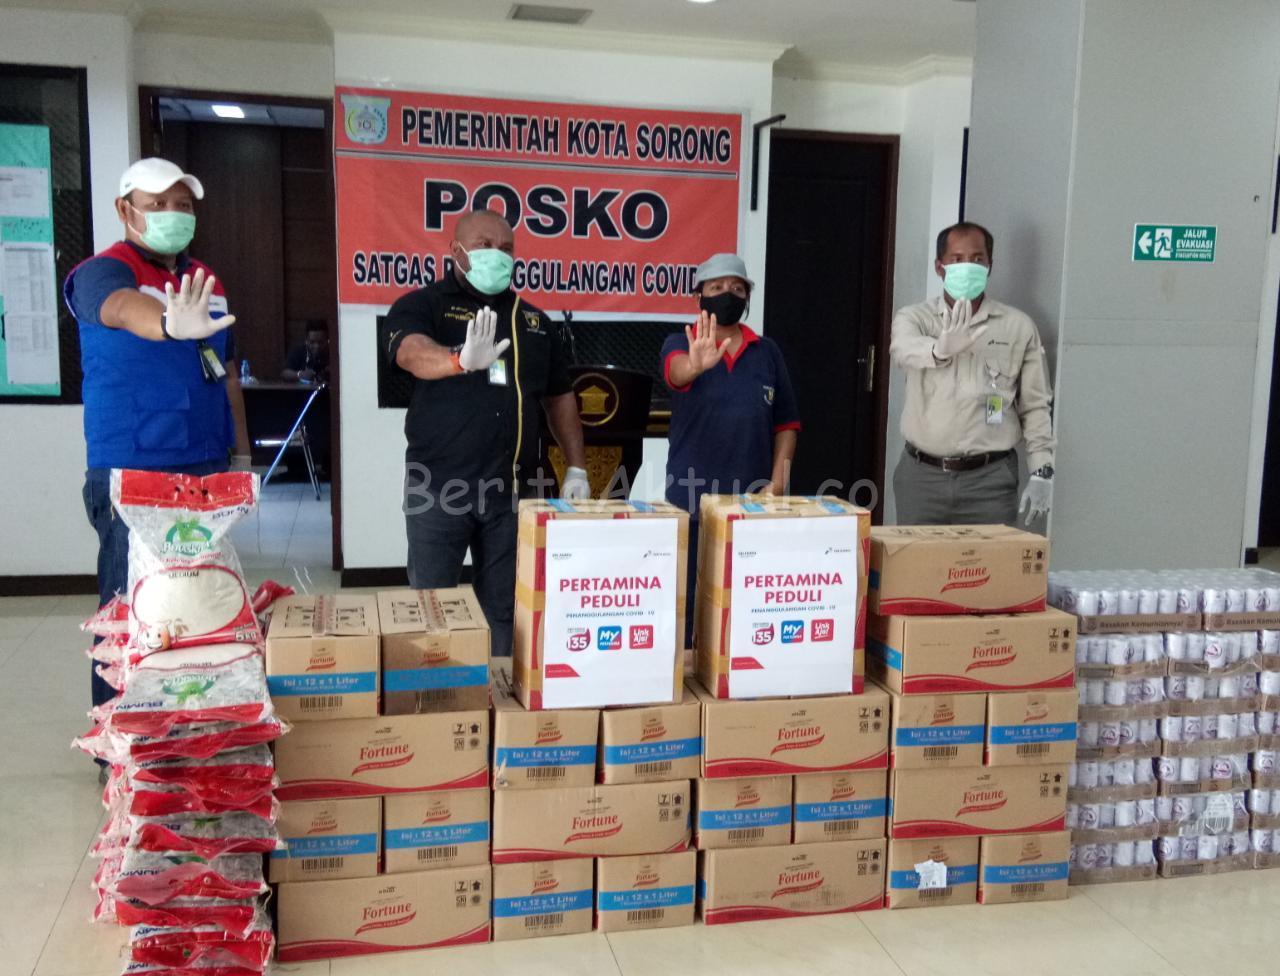 Pertamina RU VII Kasim Salurkan 2 Ton Beras Untuk Warga Kota Sorong 7 IMG 20200419 WA0012